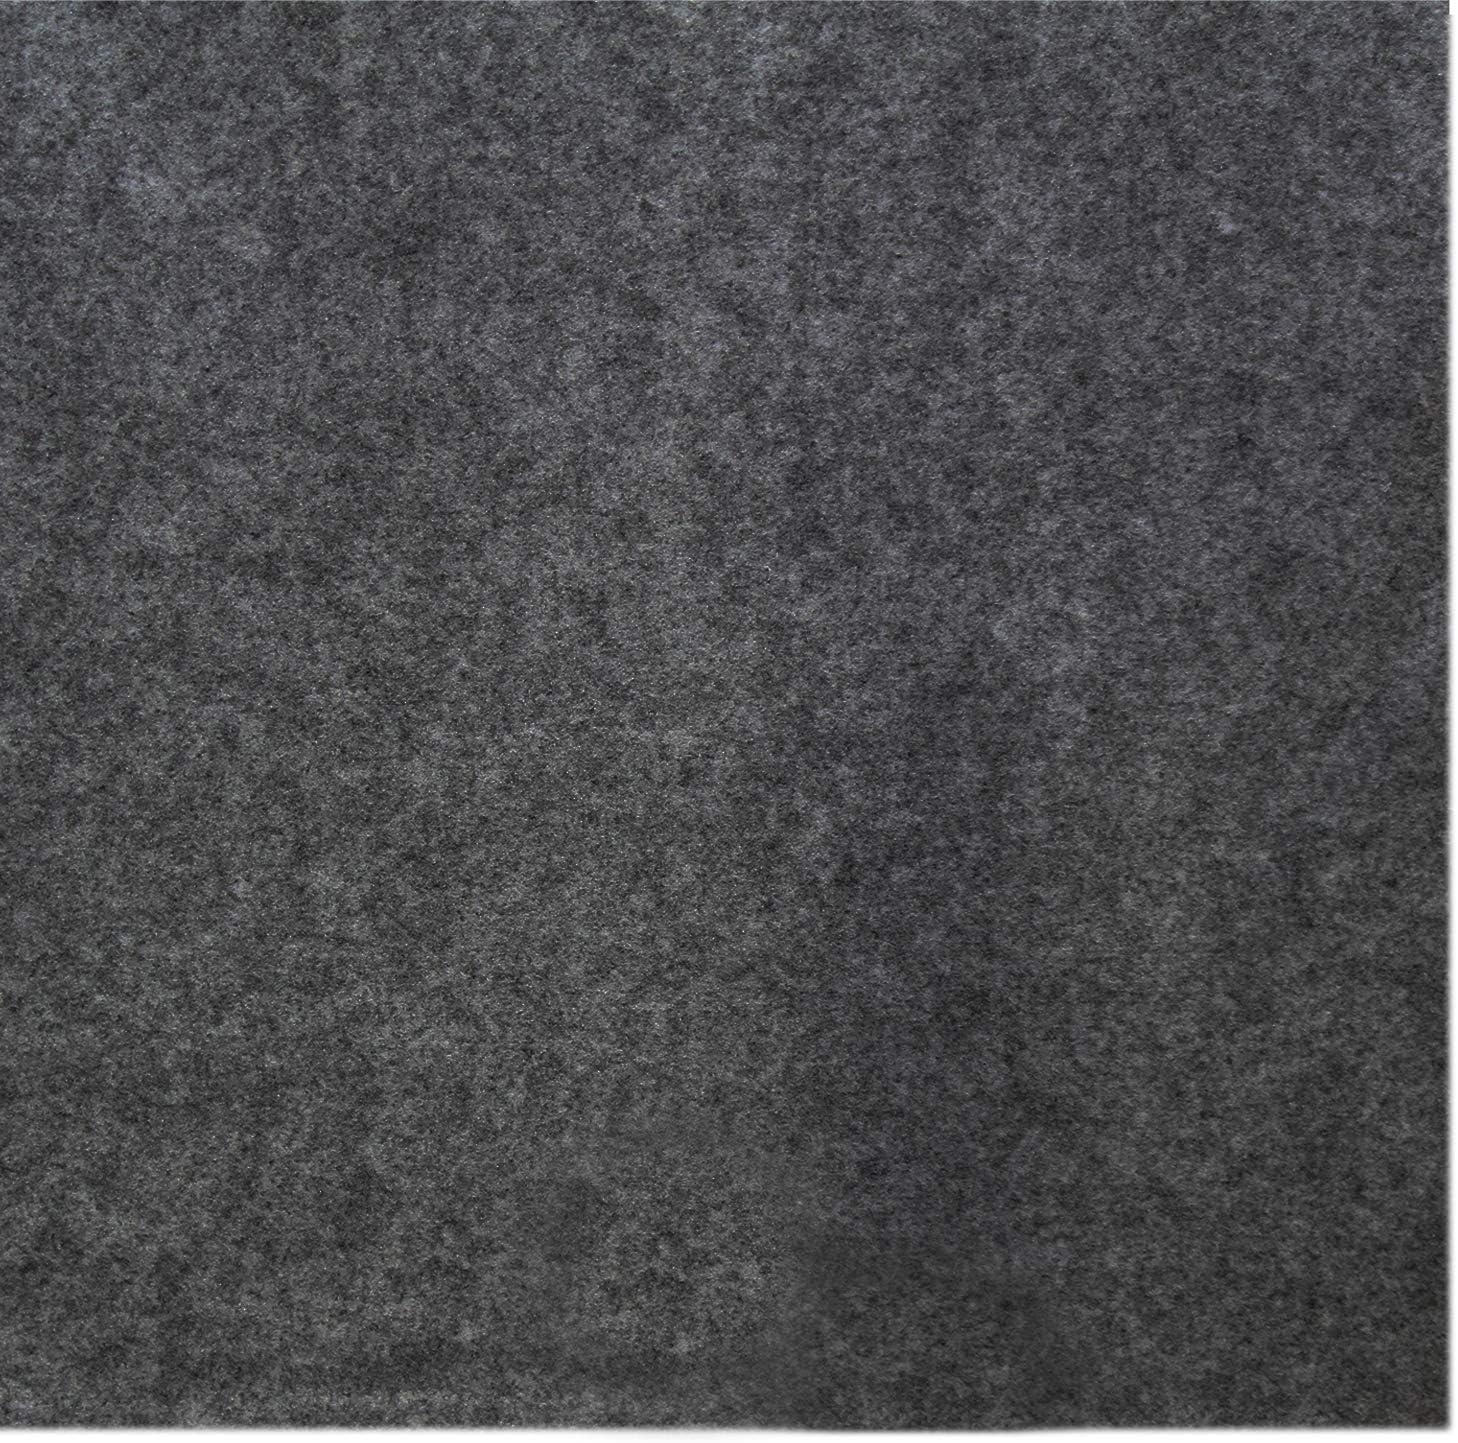 T-MECH 11m2 Doublure Int/érieure Murale pour V/éhicule Tapis Velours Flexible Camionette Fourgon Caravanes Anthracite Gris Fonc/é /& 5 canettes dadh/ésif